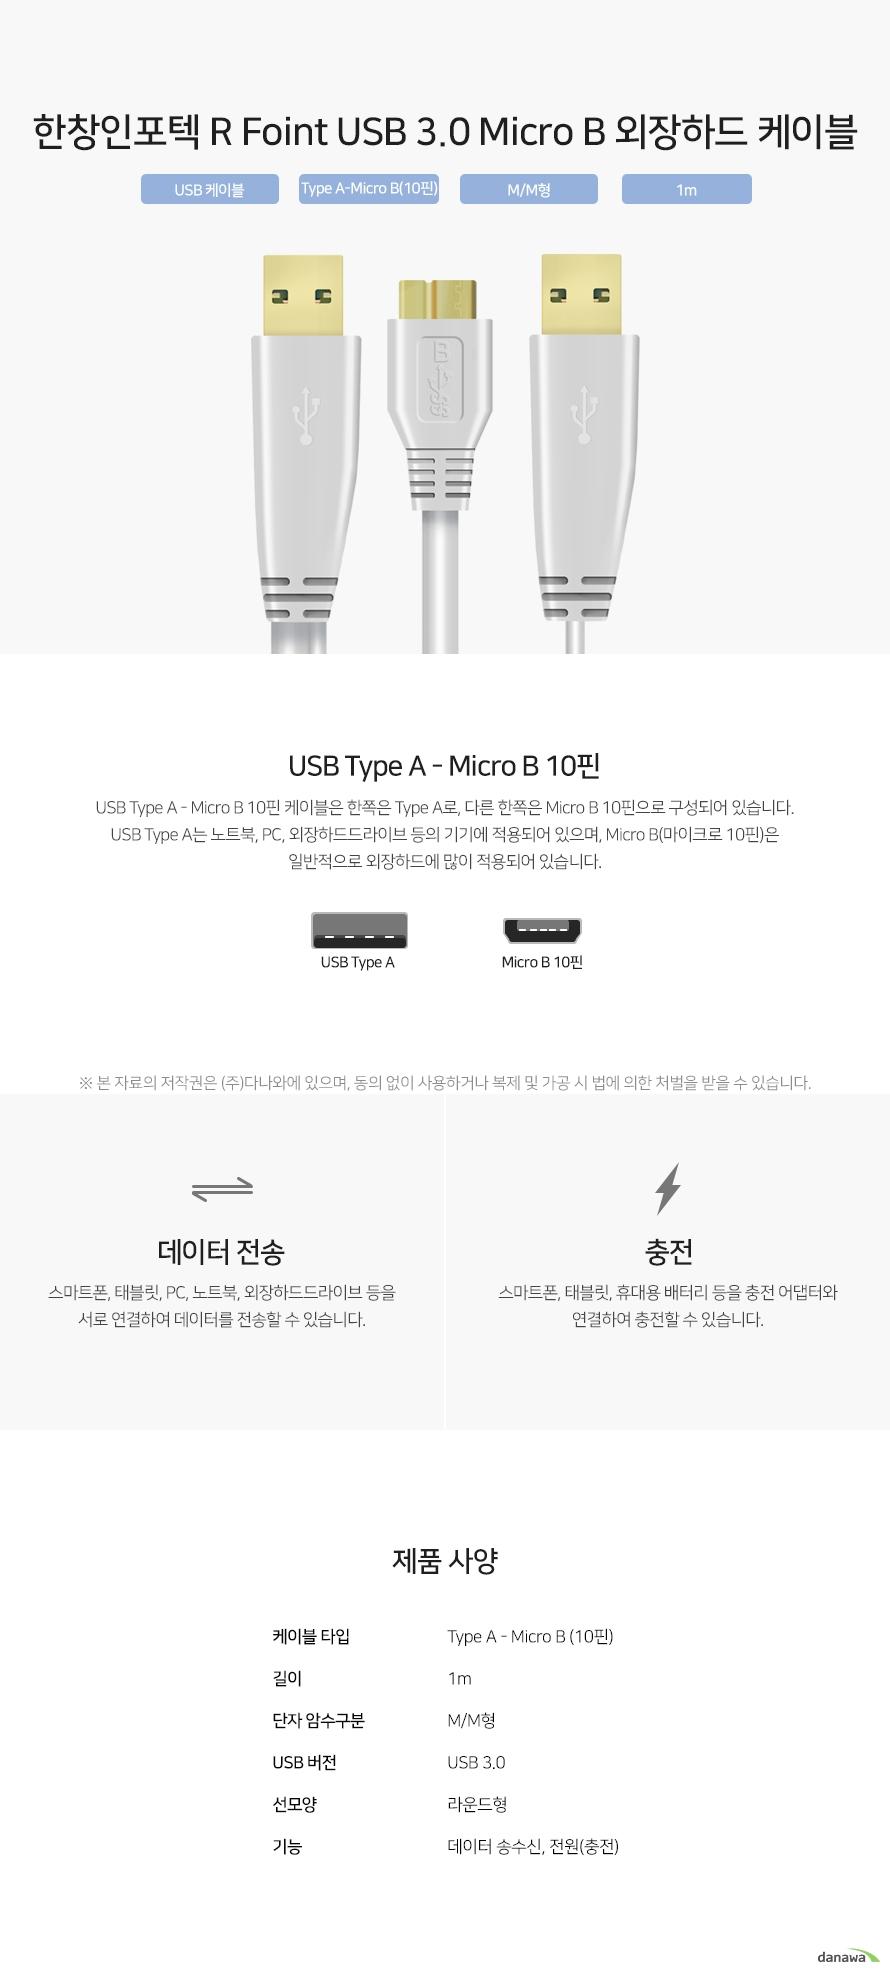 한창인포텍 R Foint USB 3.0 Micro B 외장하드 케이블 USB Type A - Micro B 10핀 케이블은 한쪽은 Type A로, 다른 한쪽은 Micro B 10핀으로 구성되어 있습니다. USB Type A는 노트북, PC, 외장하드드라이브 등의 기기에 적용되어 있으며, Micro B(마이크로 10핀)은 일반적으로 외장하드에 많이 적용되어 있습니다. 스마트폰, 태블릿, PC, 노트북, 외장하드드라이브 등을 서로 연결하여 데이터를 전송할 수 있습니다. 스마트폰, 태블릿, 휴대용 배터리 등을 충전 어댑터와 연결하여 충전할 수 있습니다.